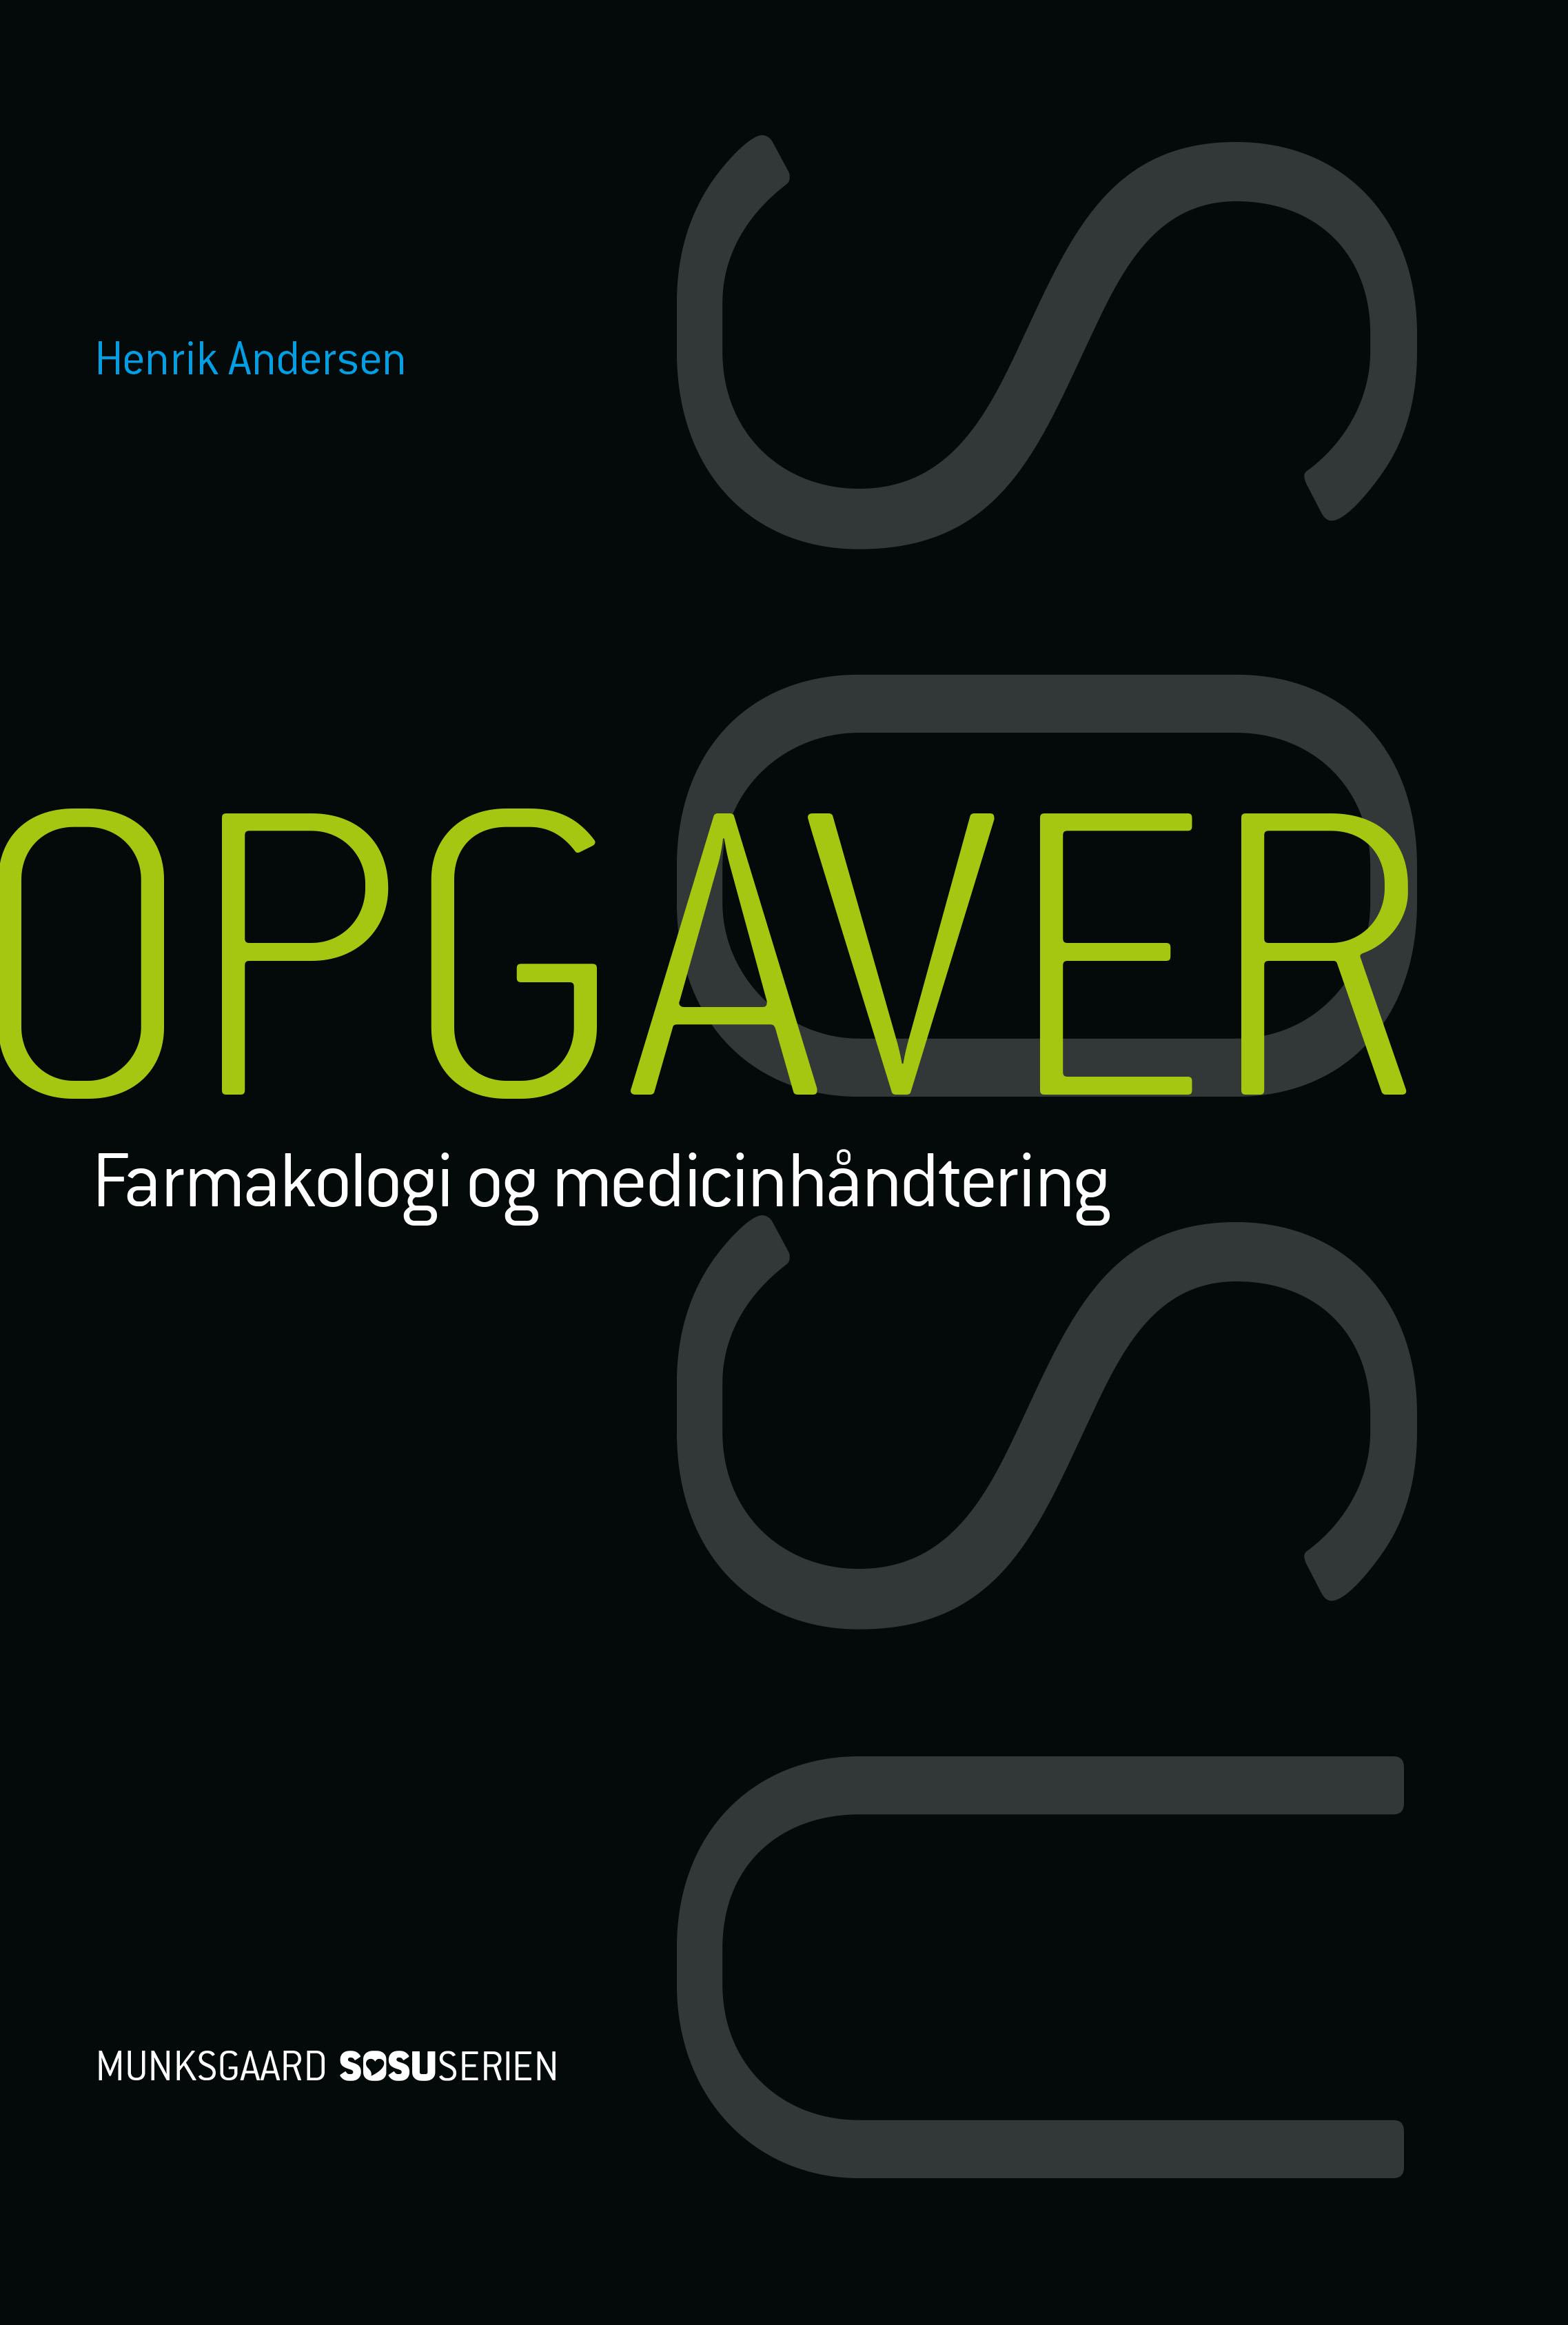 farmakologi og medicinhåndtering munksgaard